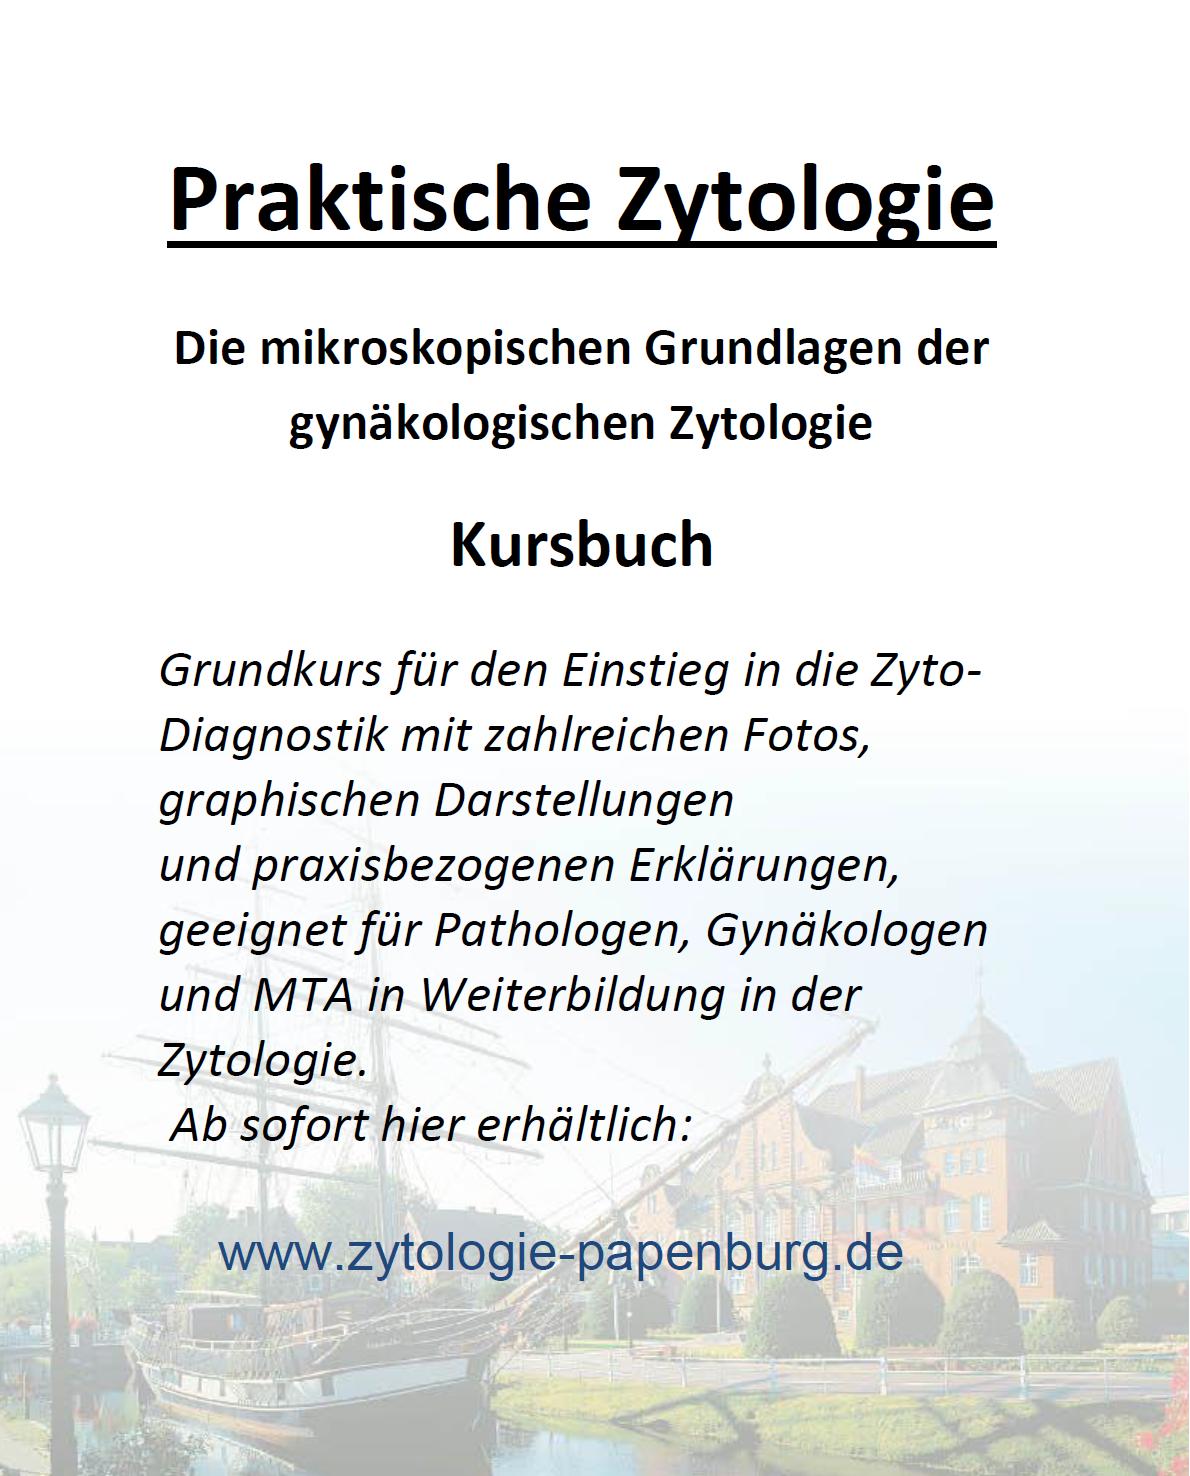 Kursbuch: